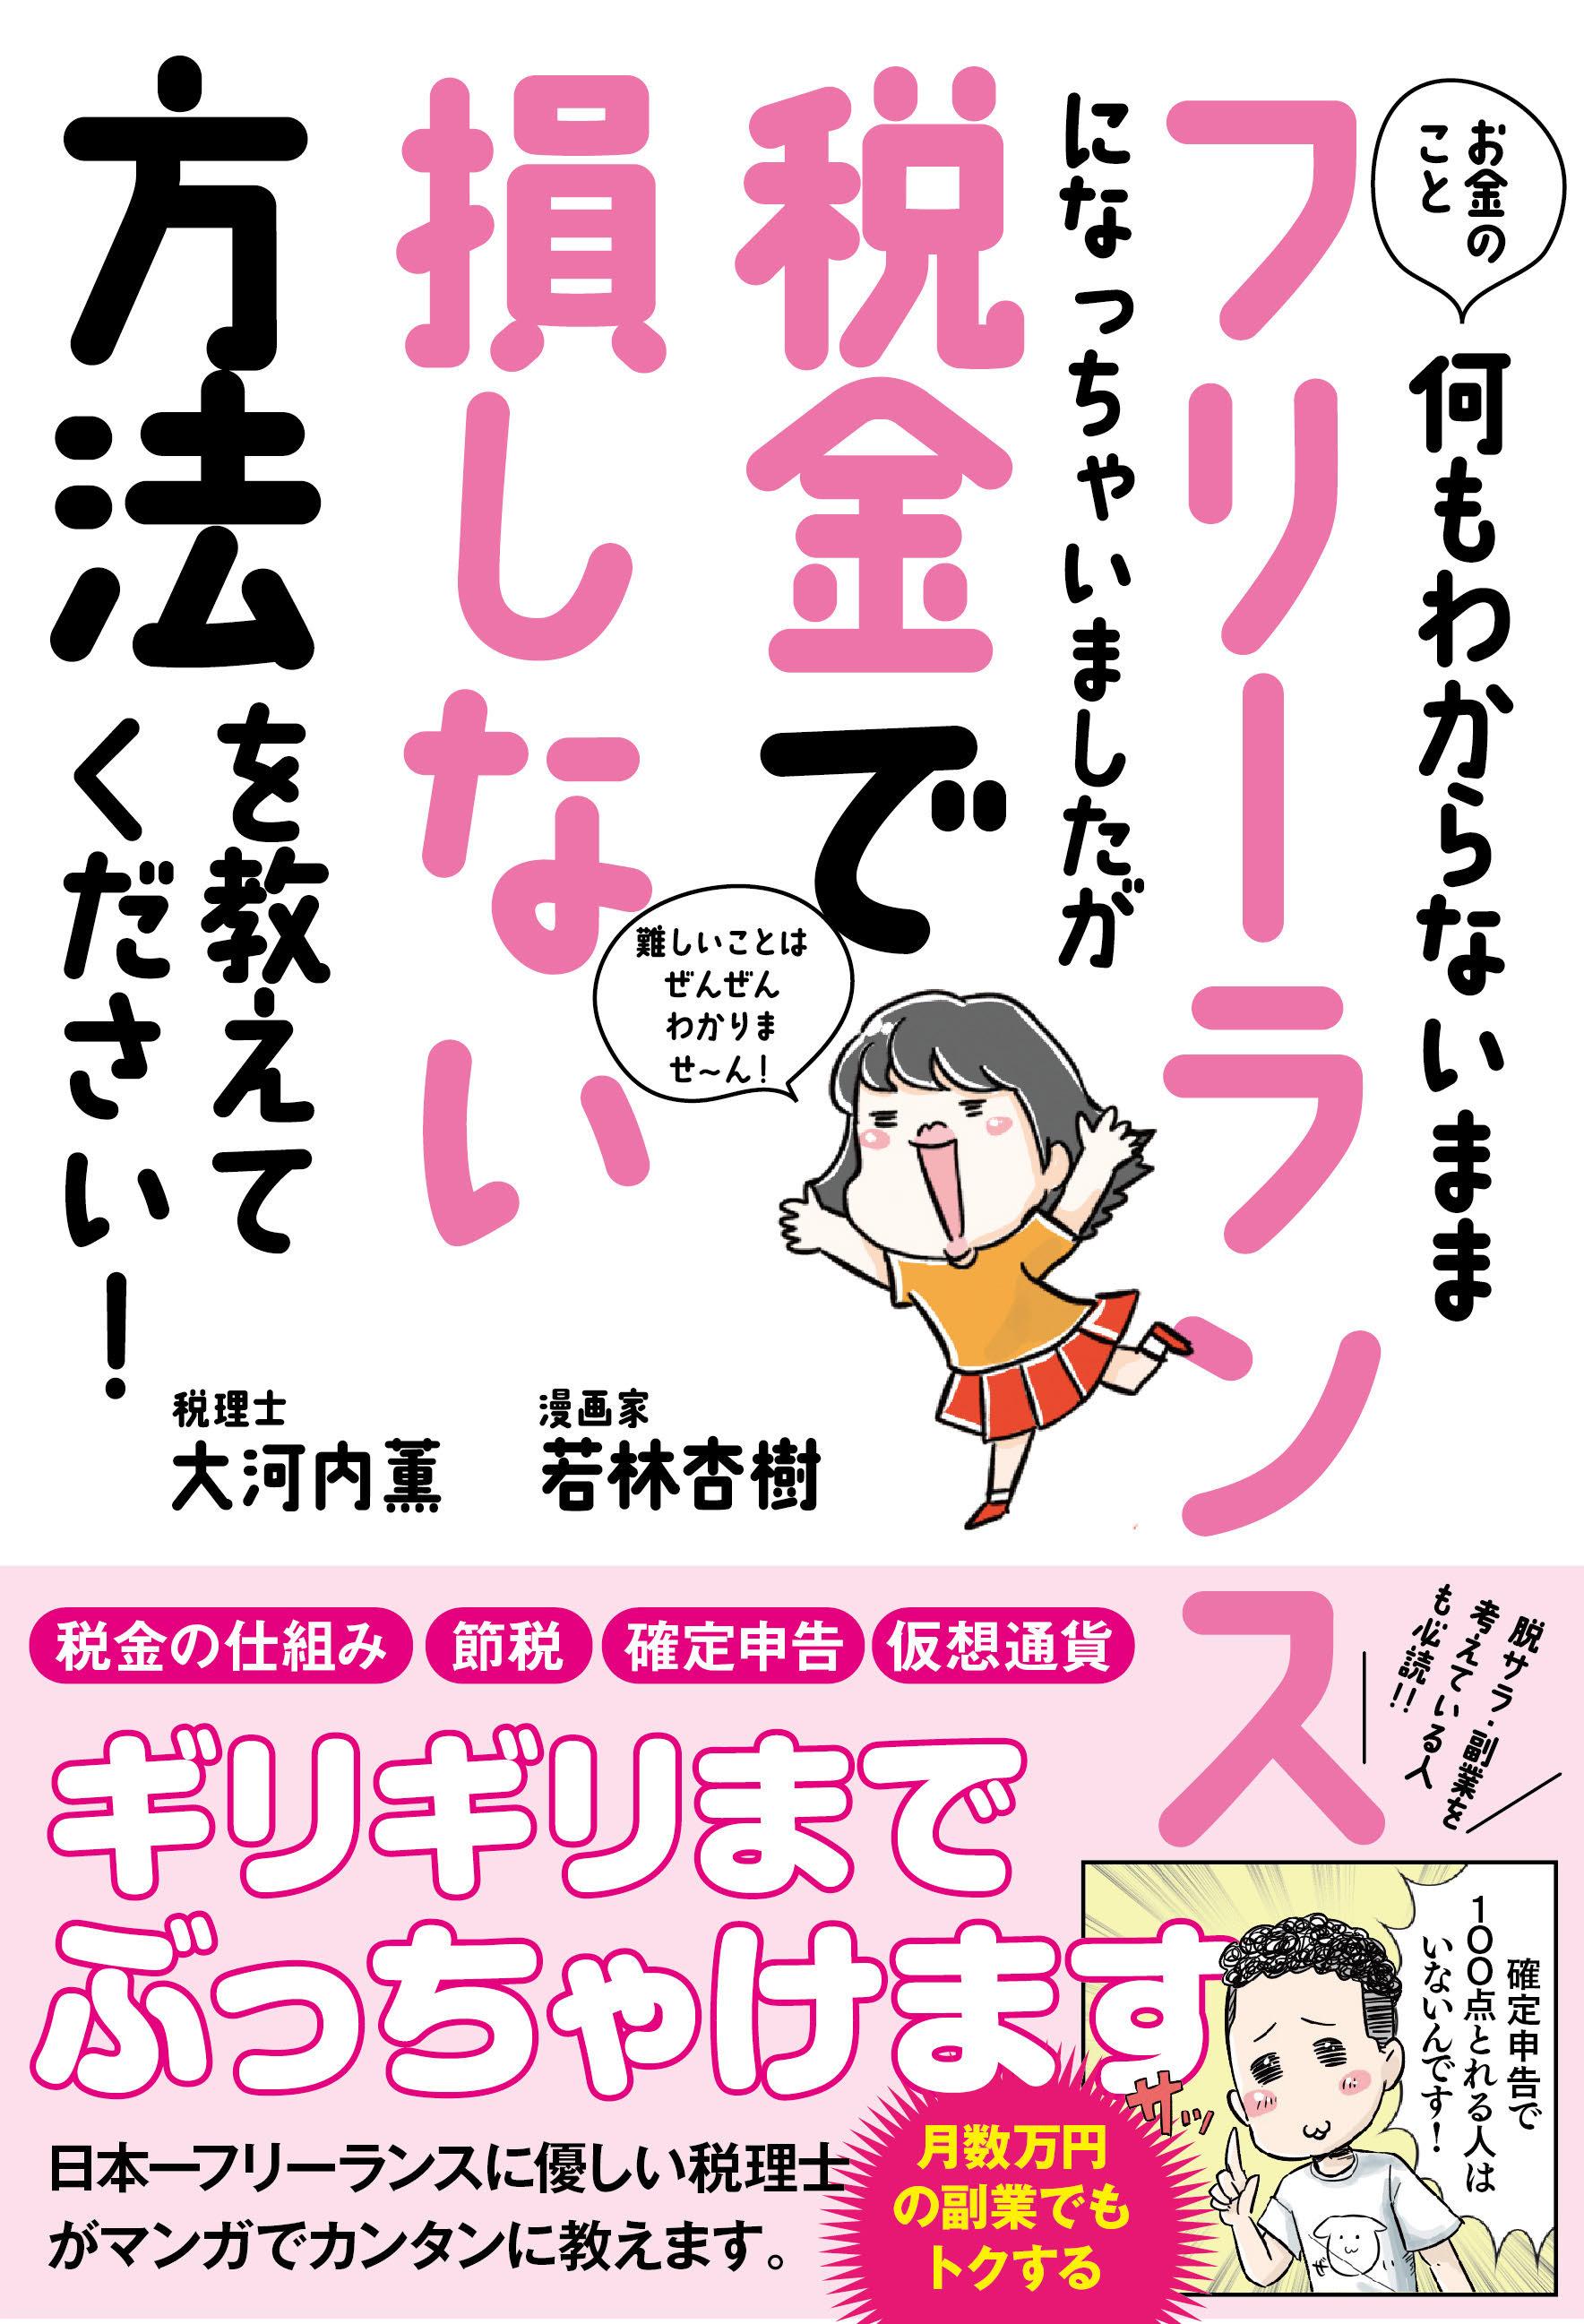 大河内薫さん・若林杏樹さん 出版記念トークショー